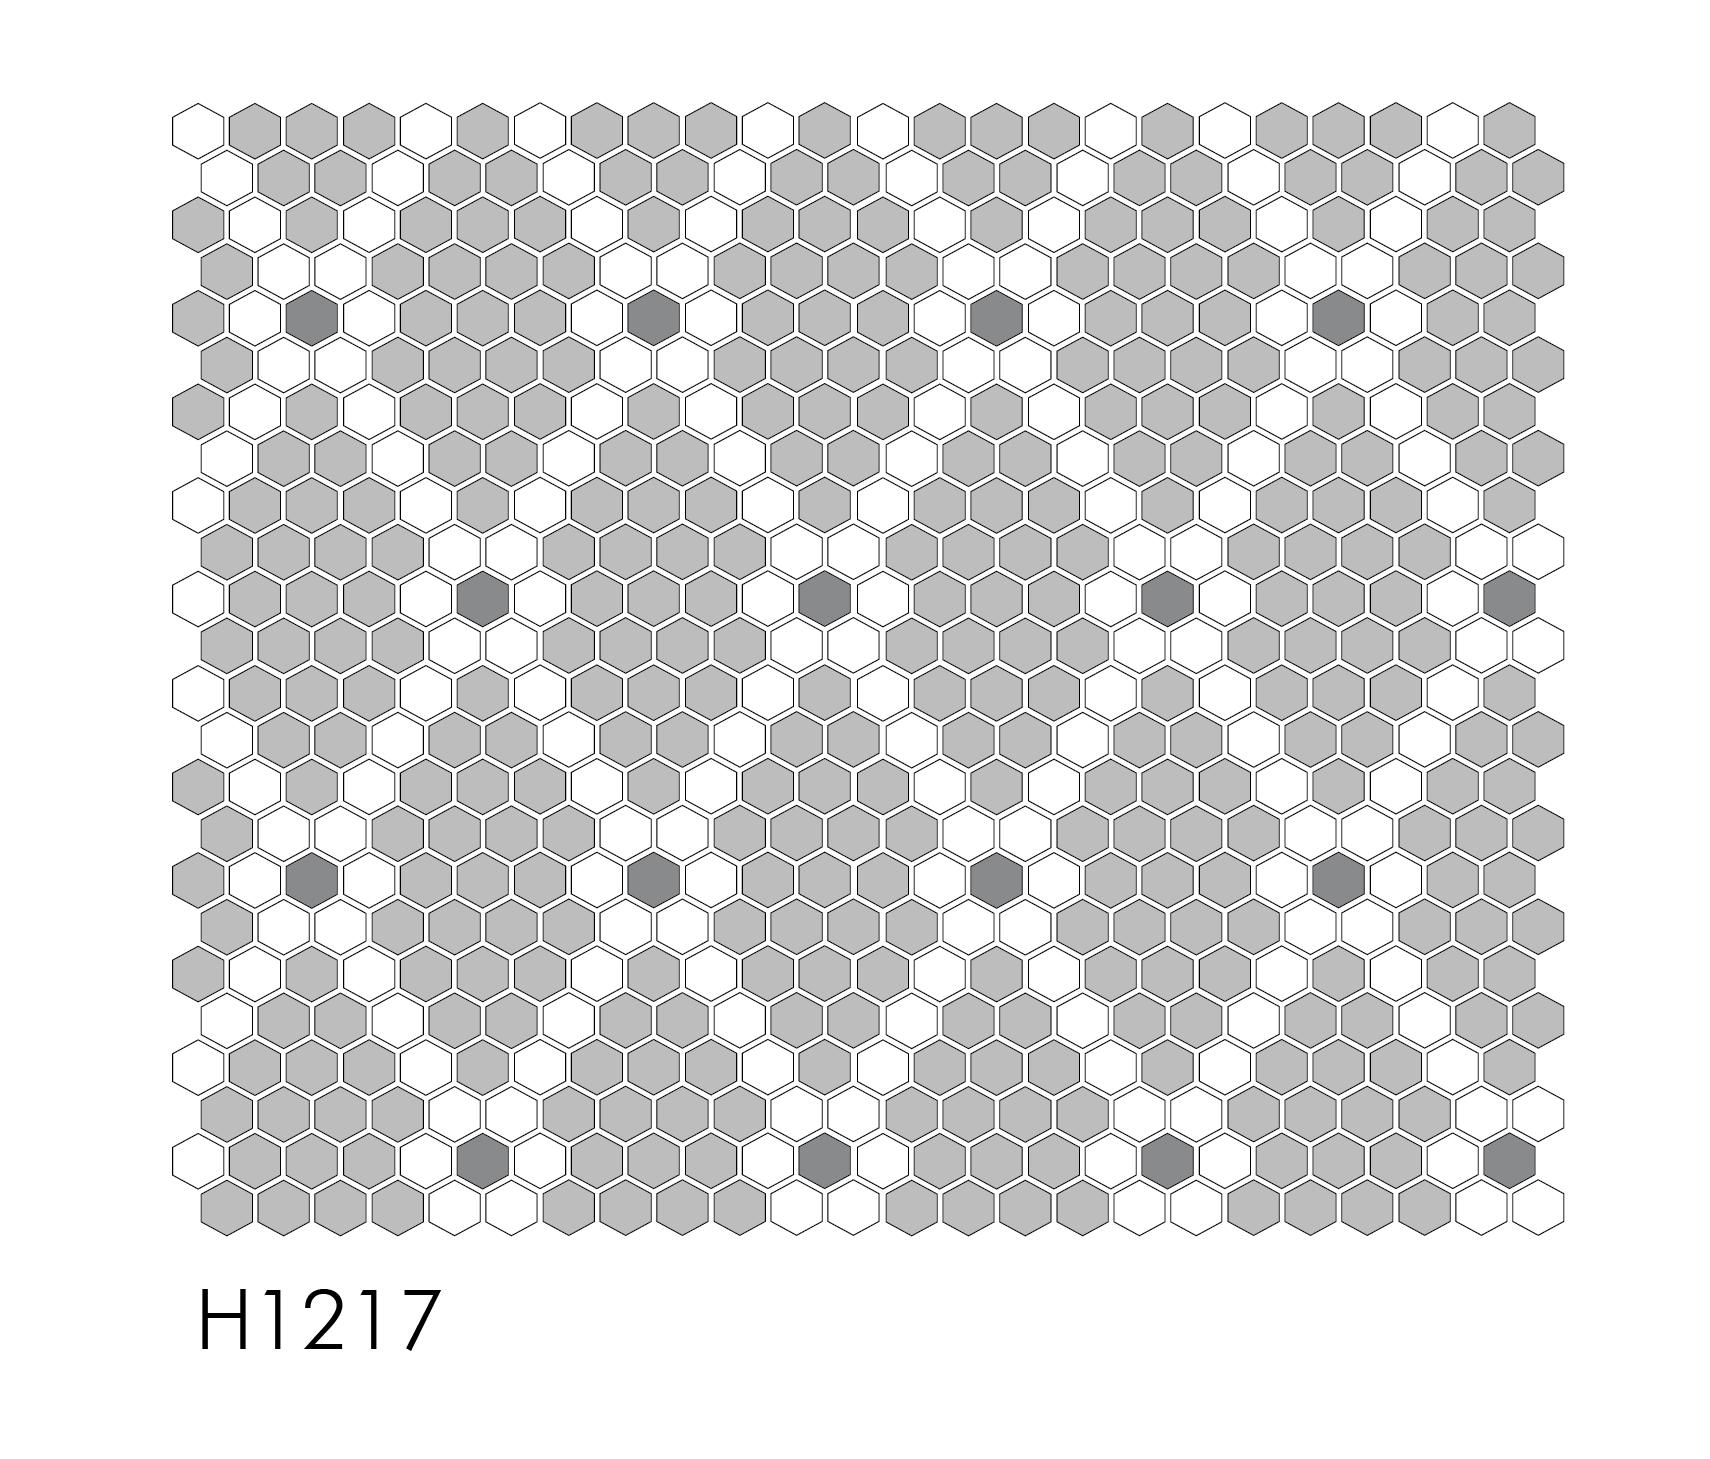 H1217 Lattice